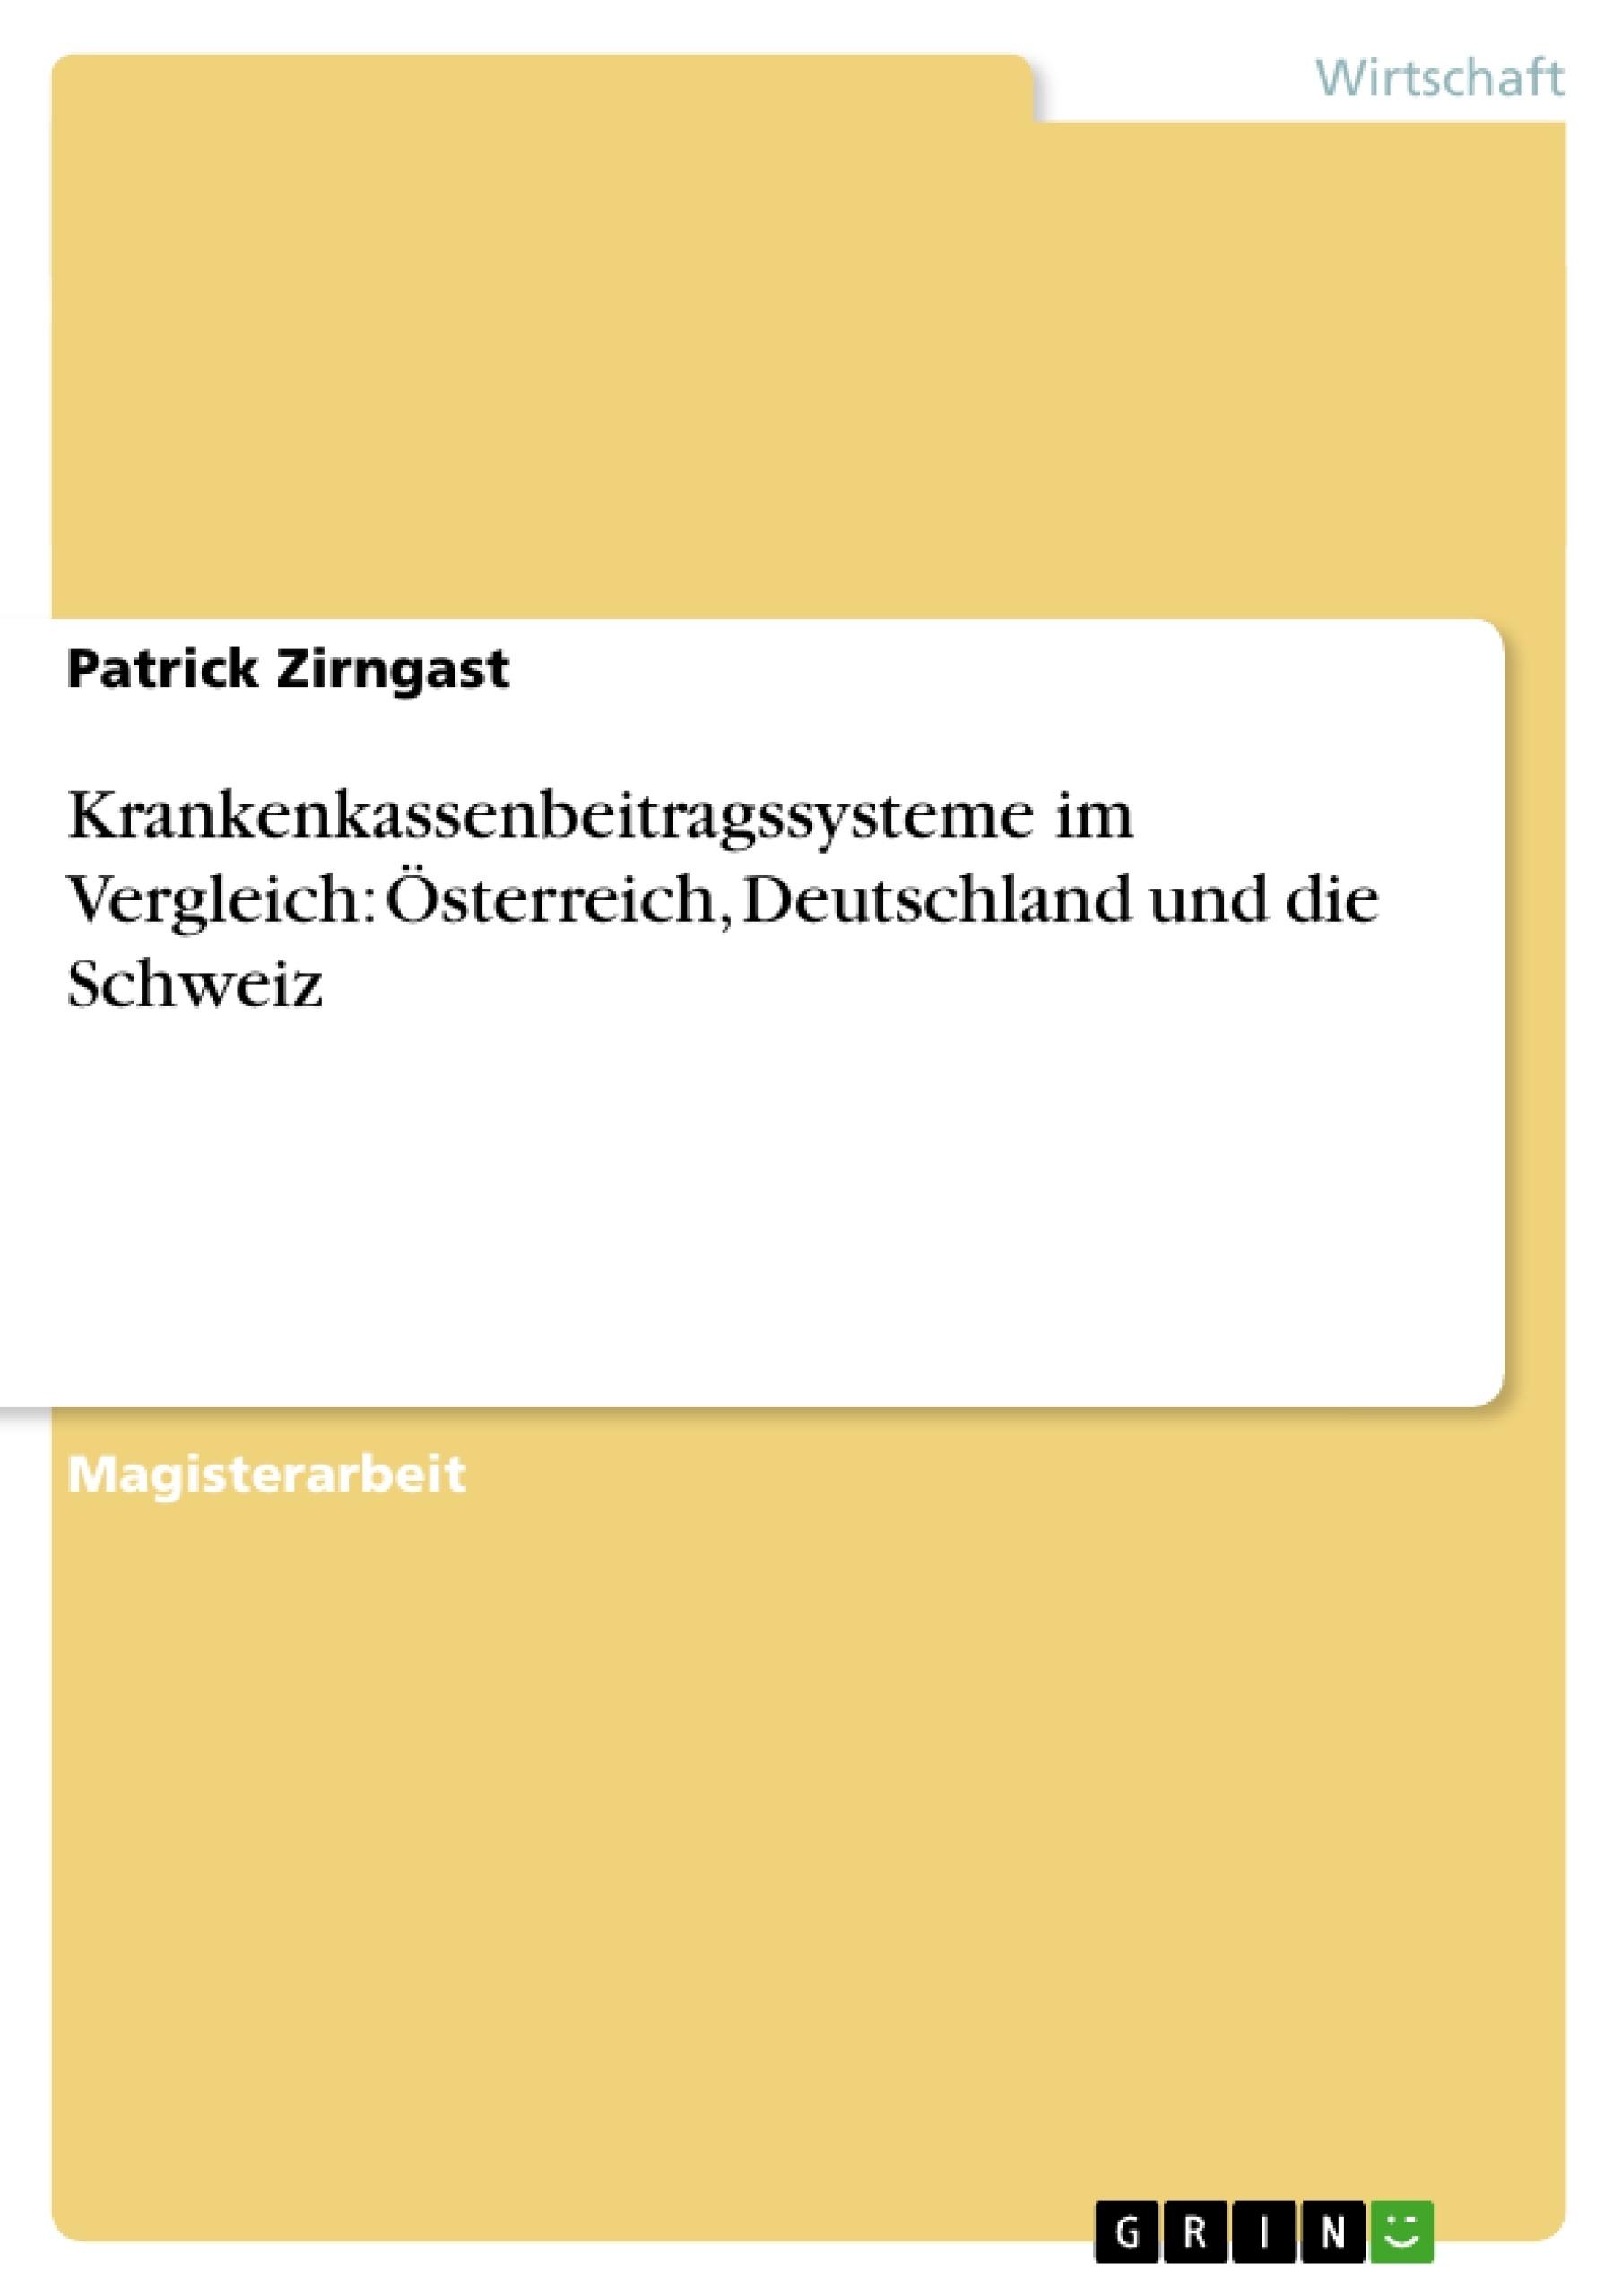 Titel: Krankenkassenbeitragssysteme im Vergleich: Österreich, Deutschland und die Schweiz